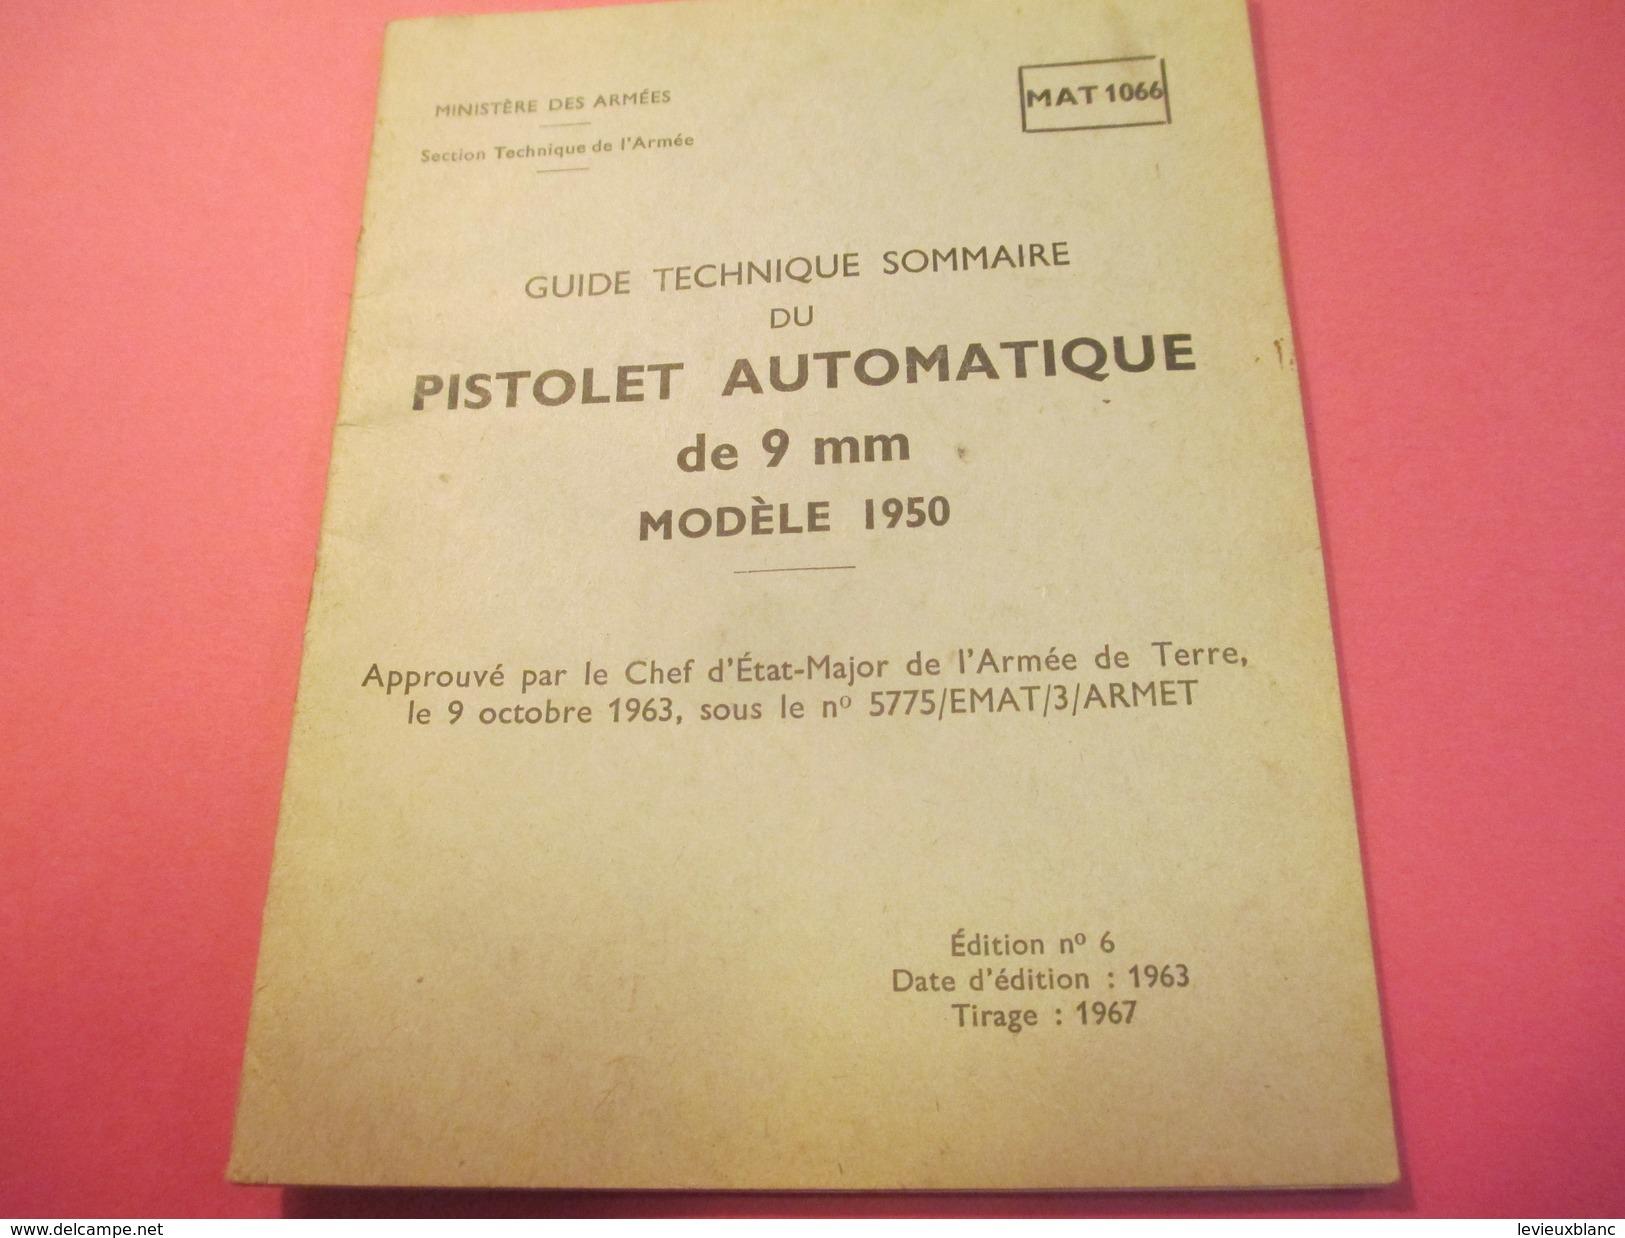 Fascicule/Guide Technique Sommaire/PISTOLET Automatique De 9 Mm Modèle 1950/Ministère Des Armées/MAT1066/1963   VPN116 - Libri, Riviste & Cataloghi